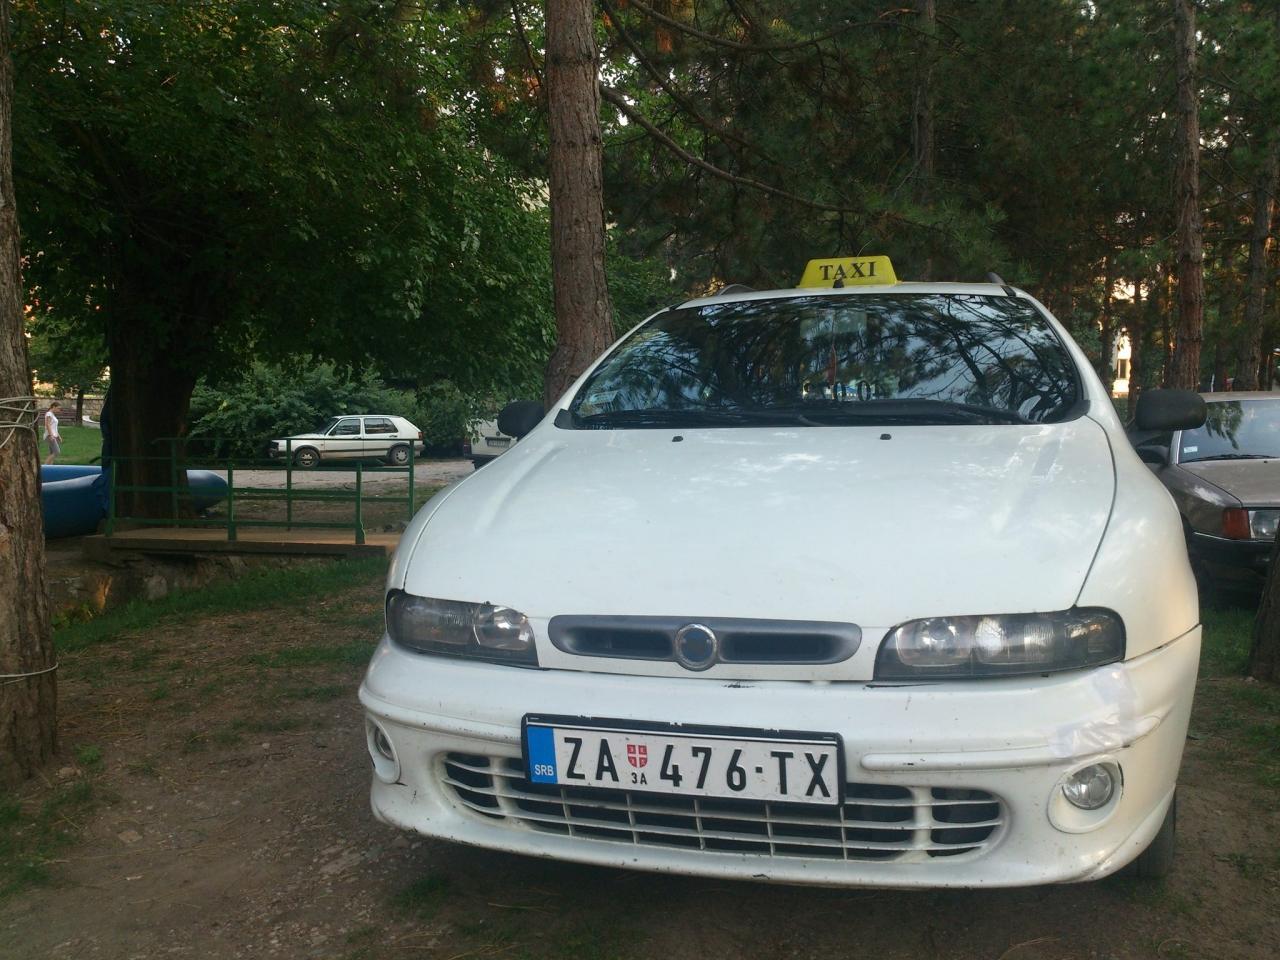 Tron taxi